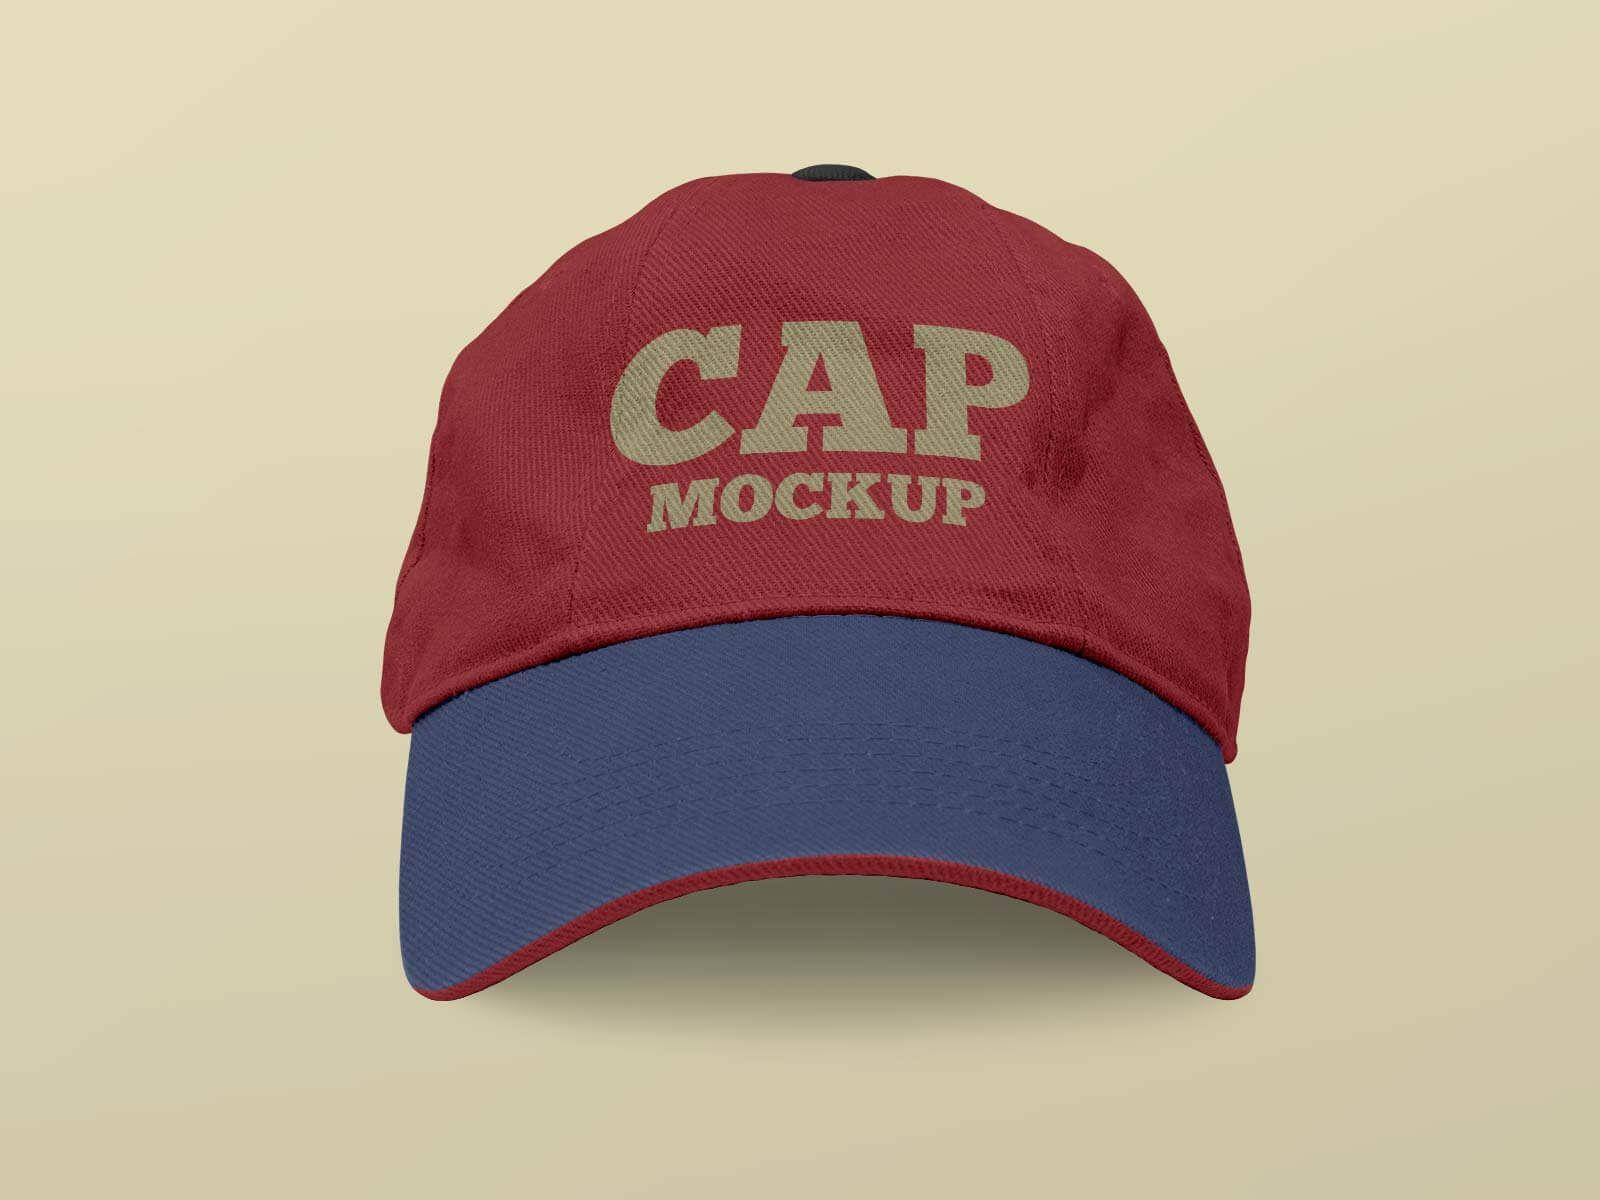 Download Free Dad Hat Baseball Cap Mockup Psd Set Good Mockups Dad Hats Baseball Caps Dad Hats Baseball Hats